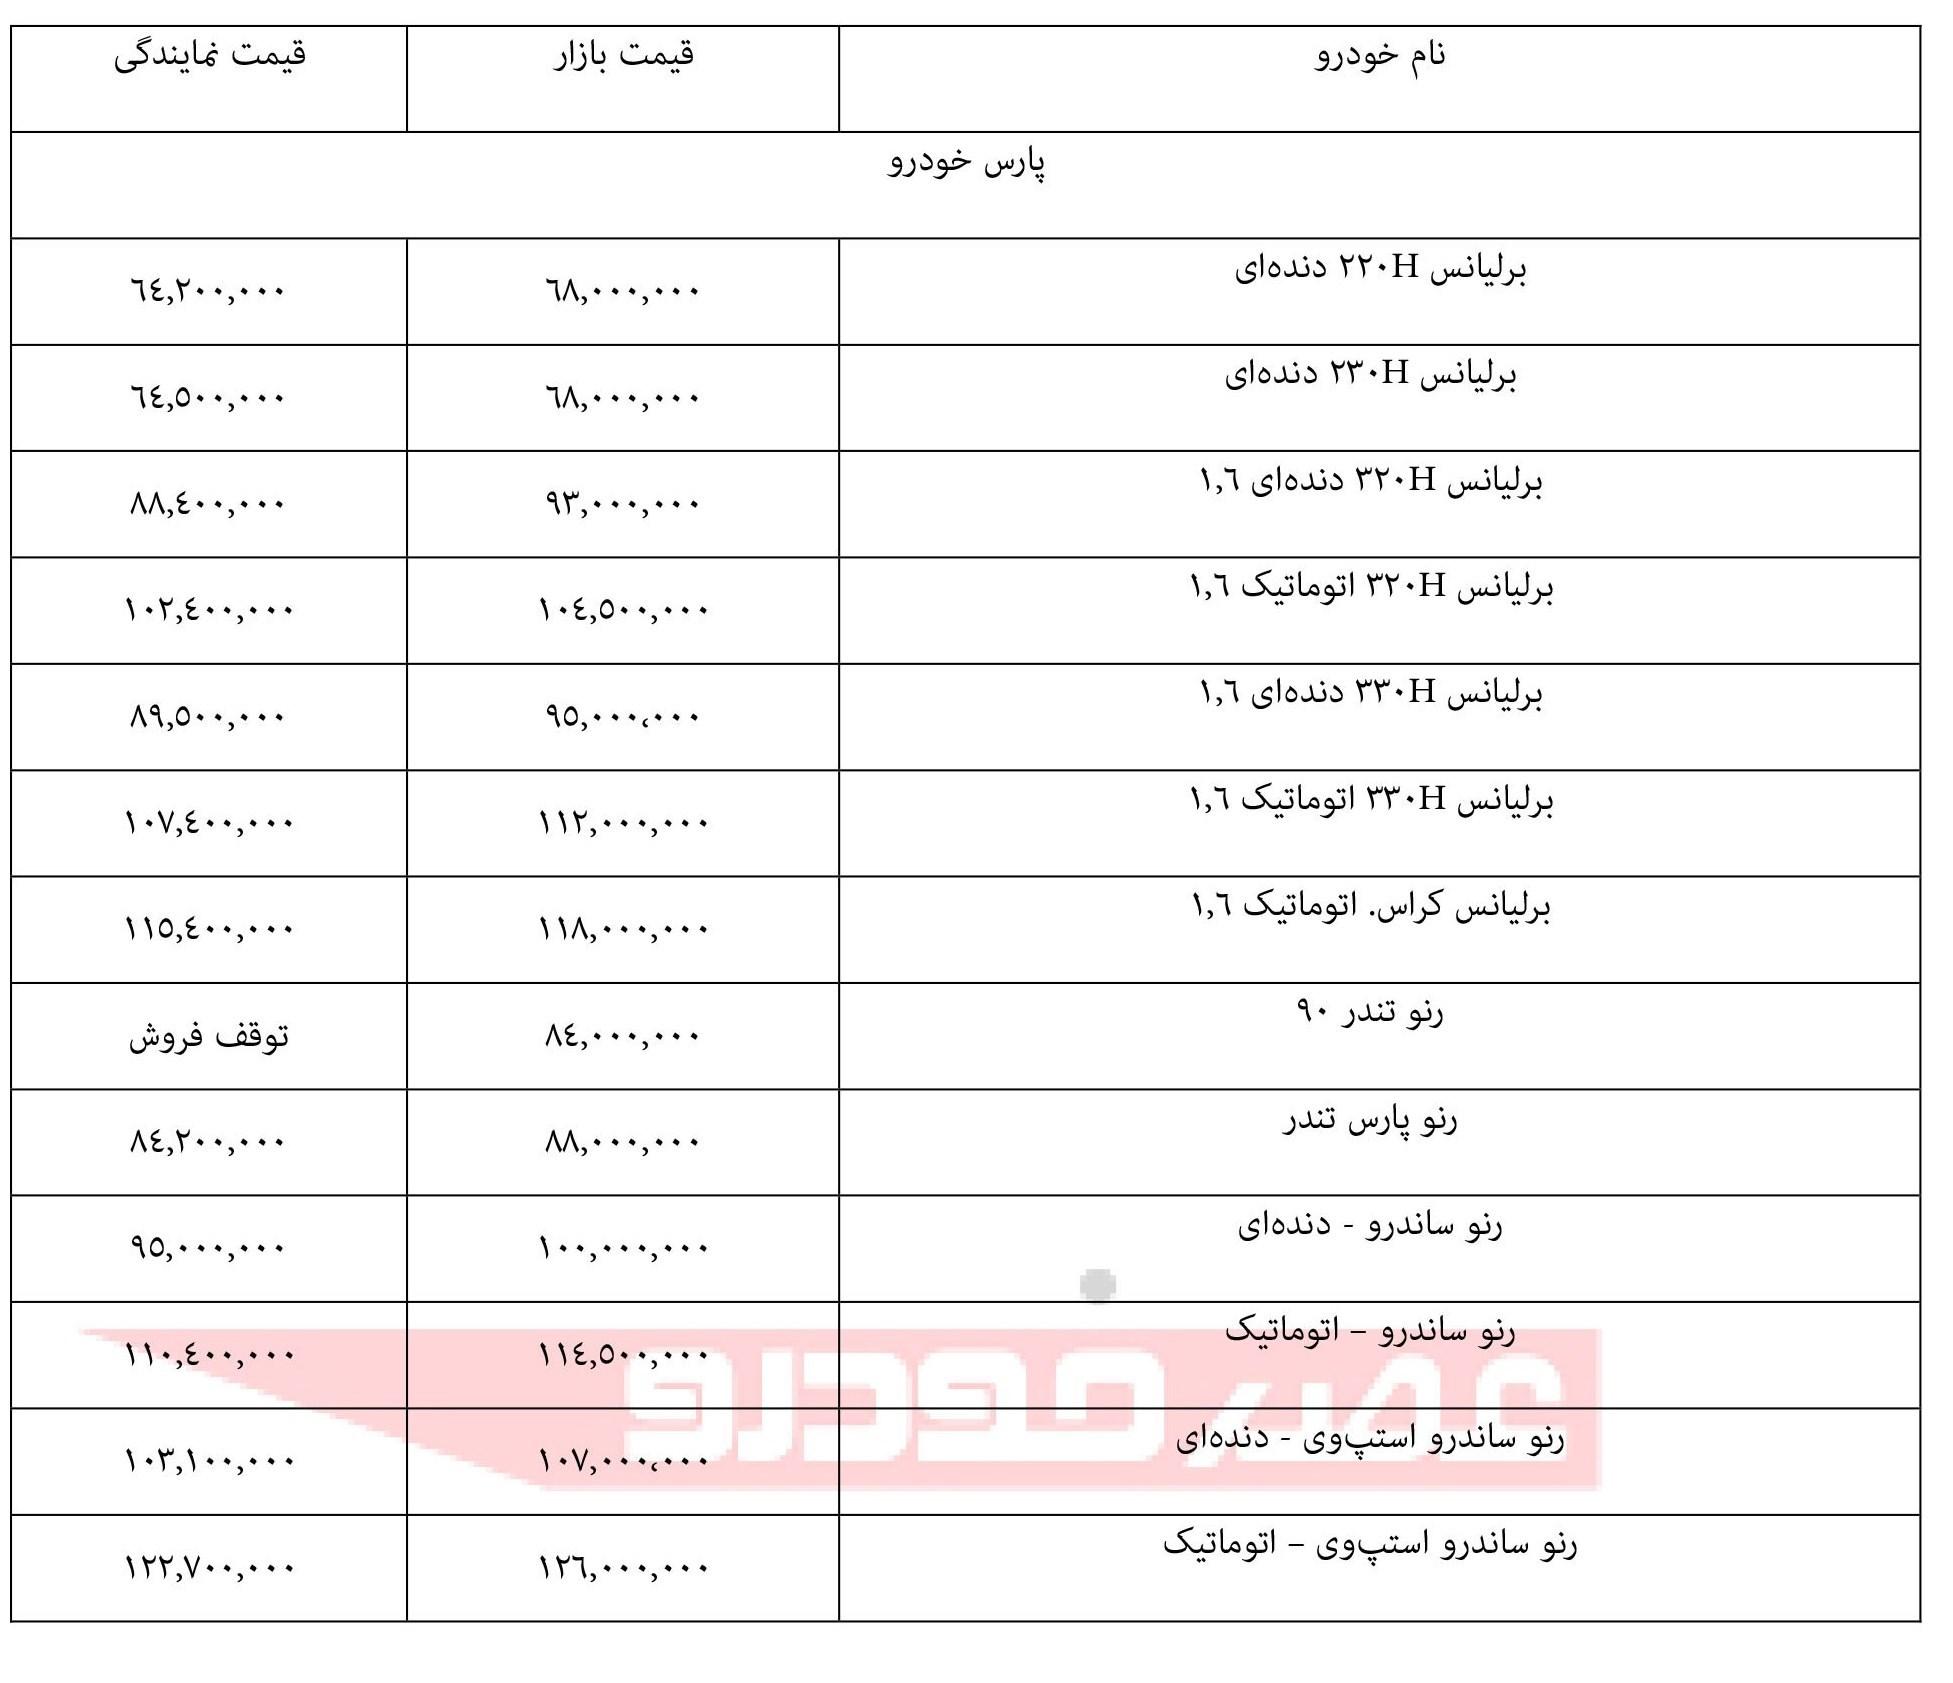 قیمت انواع محصولات پارس خودرو ۲۴ دی ۹۷ - 2